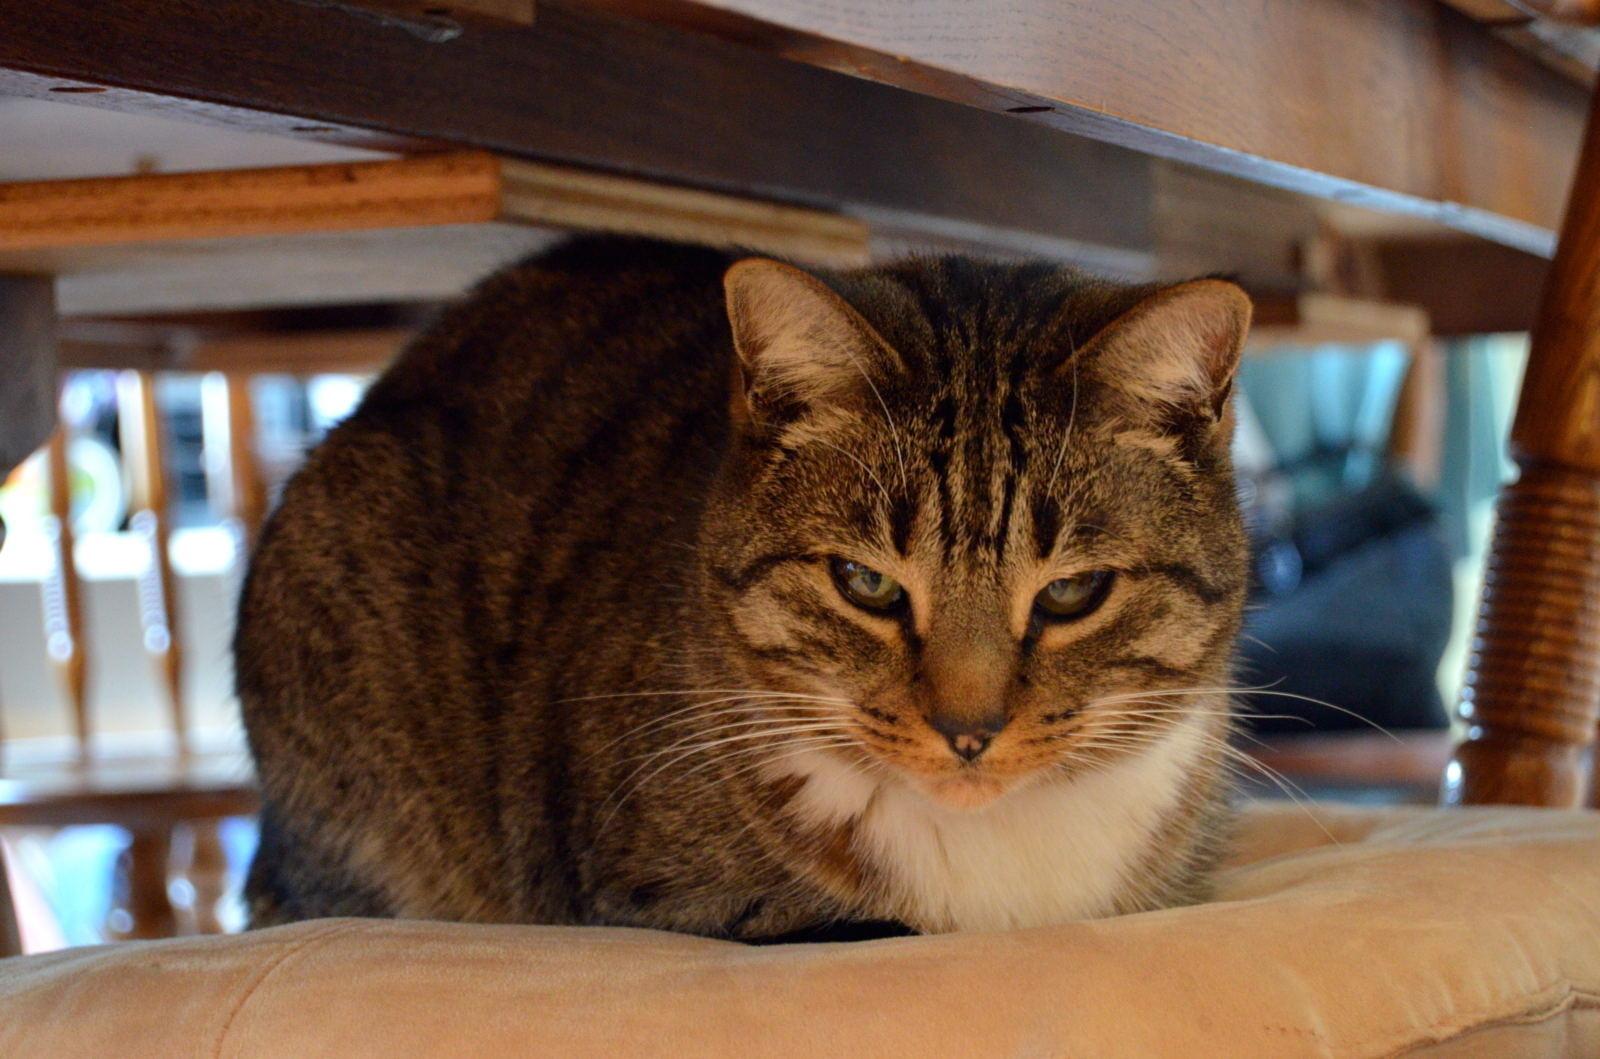 ペット可のマンションはどのペットも可なのか?